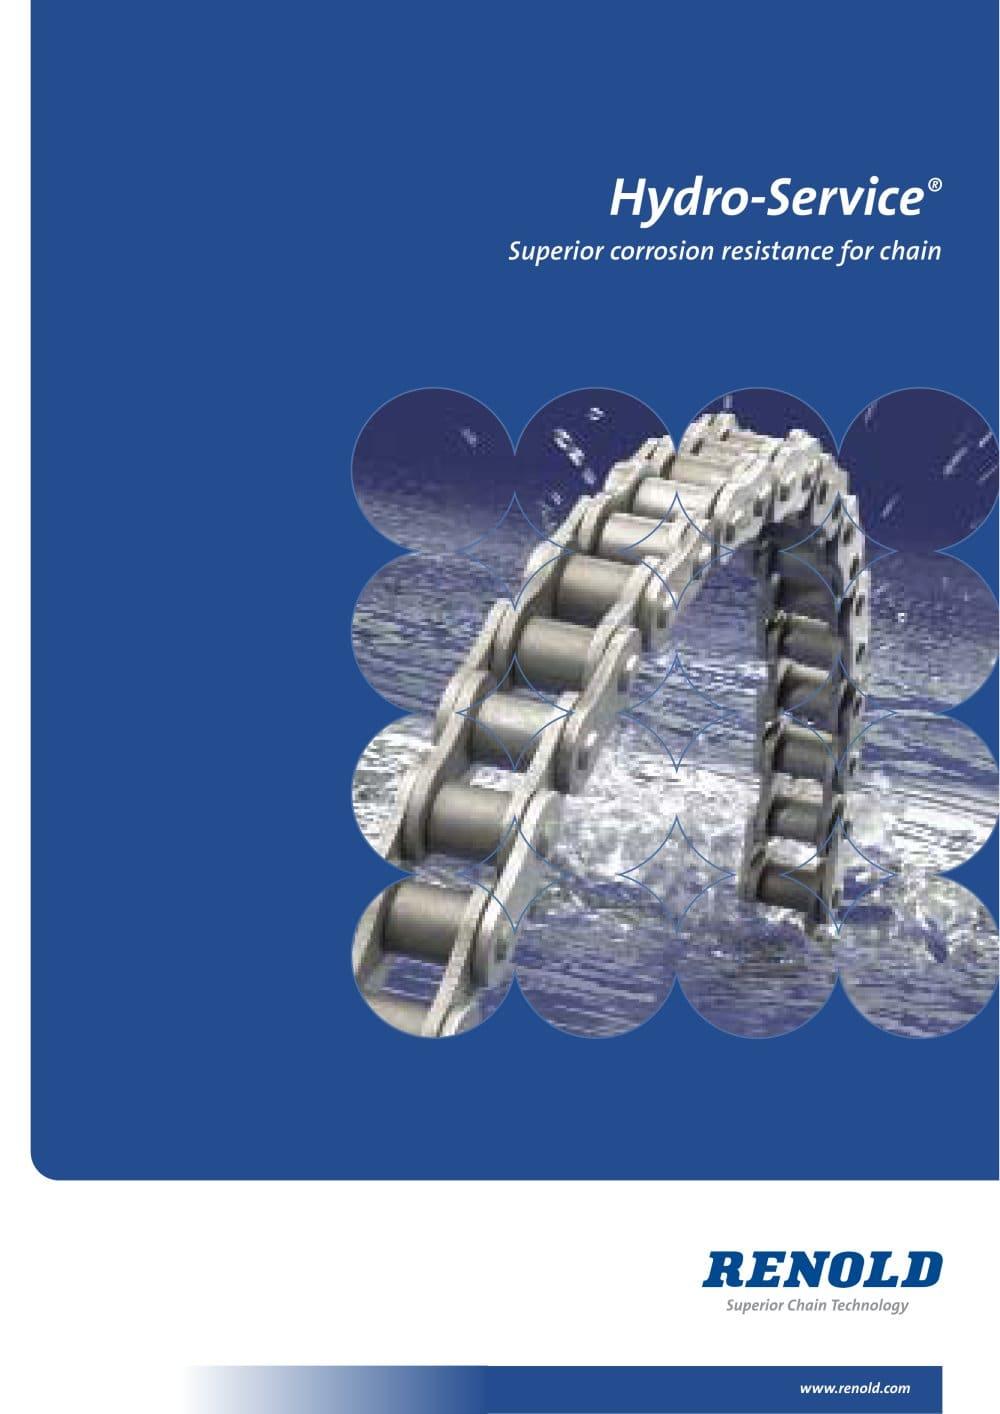 catene renold hydro-service